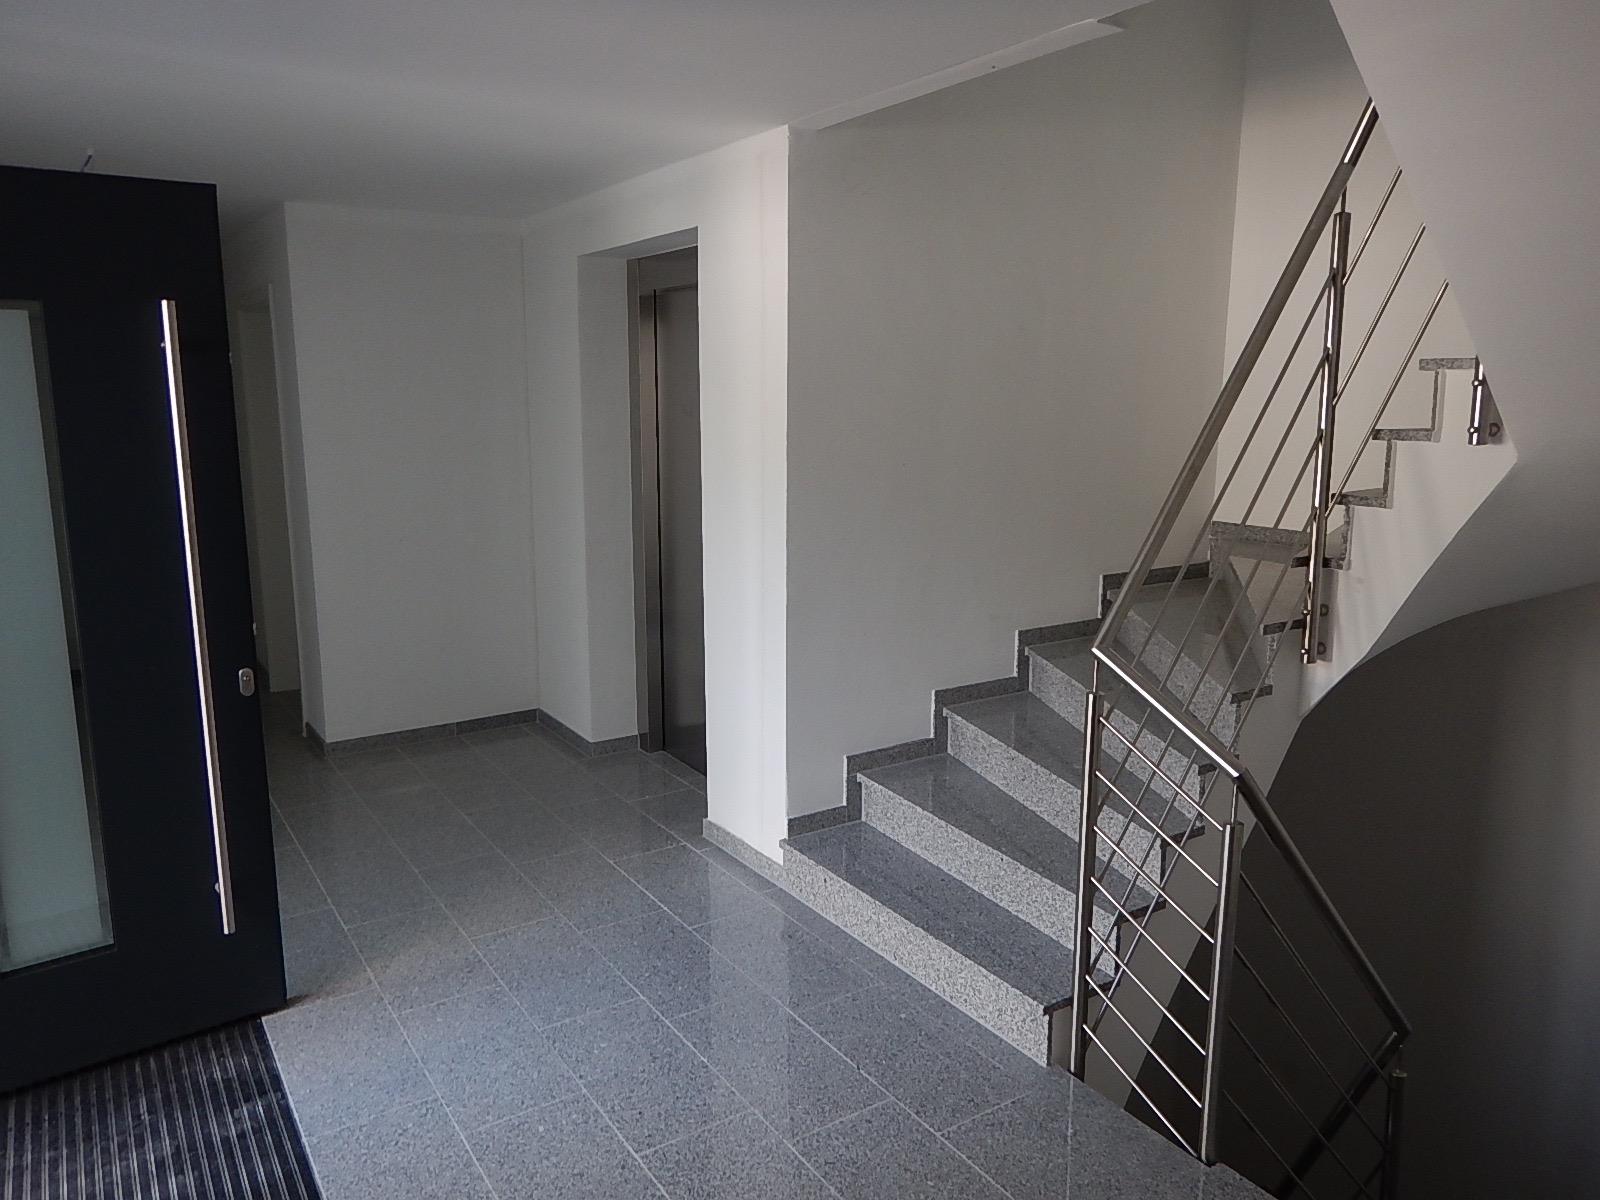 Treppenhaus mehrfamilienhaus  Bauleitung Paderborn, Bausachverständiger Paderborn